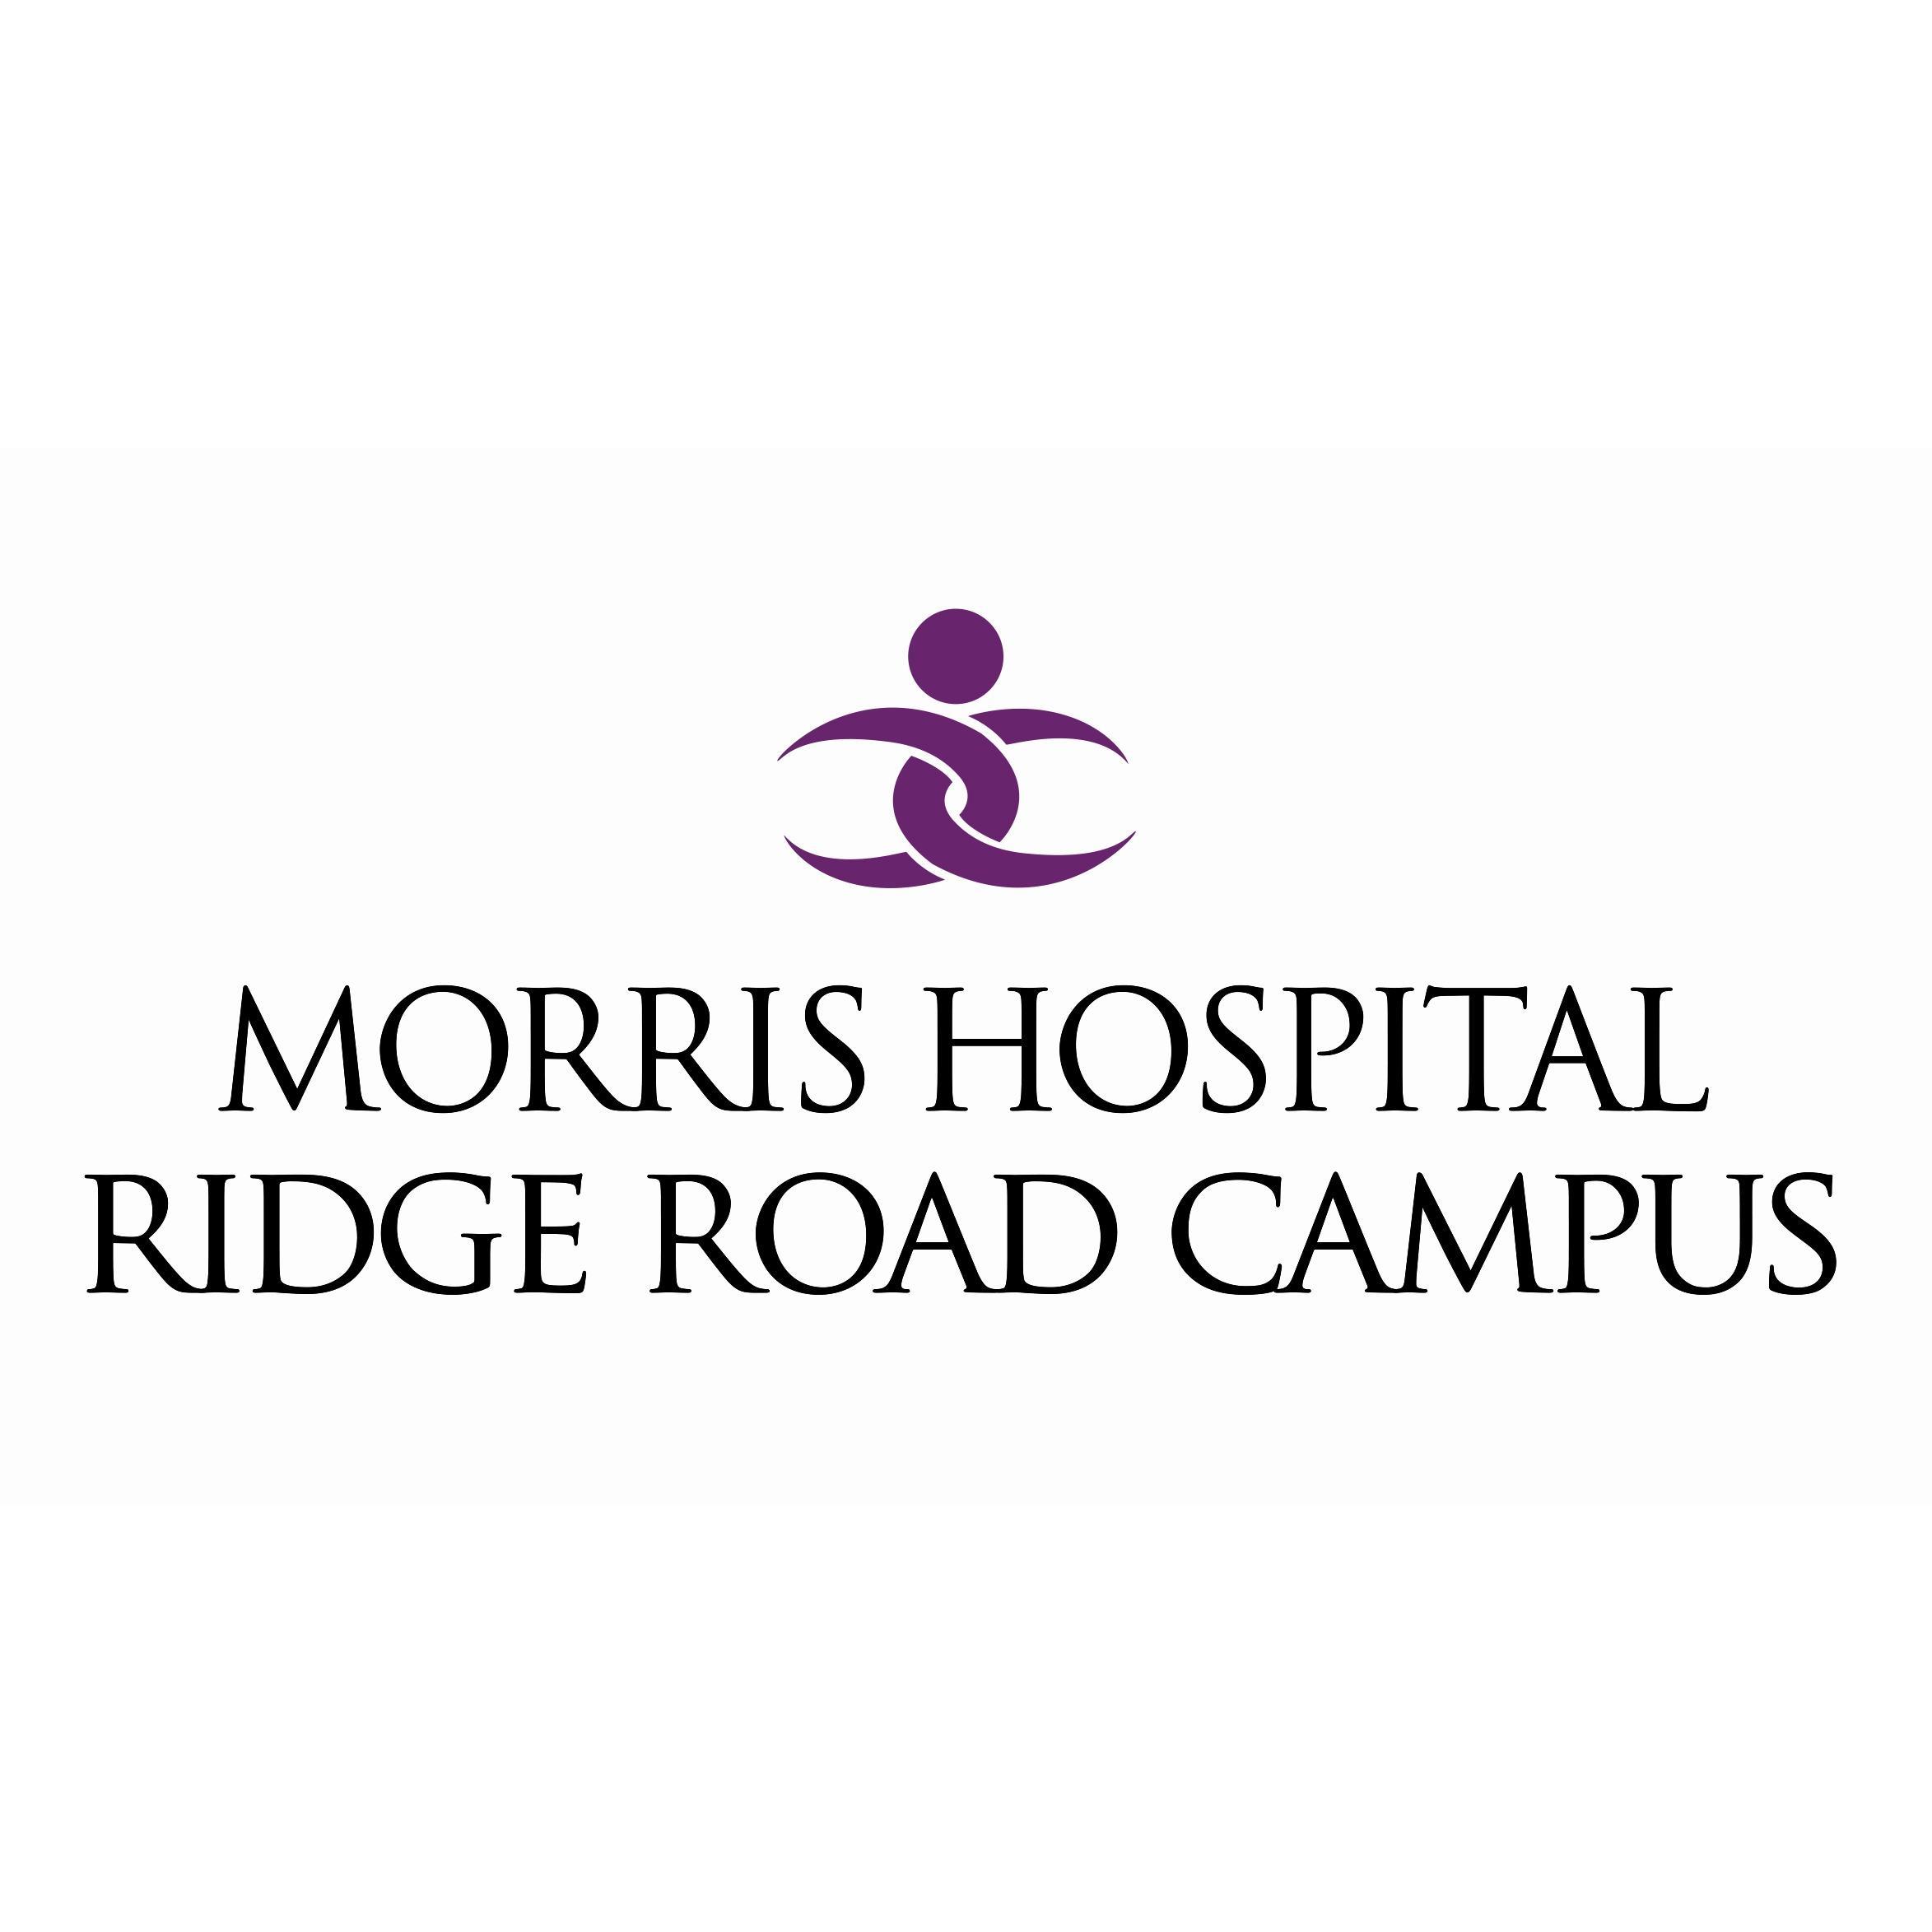 Morris Hospital Ridge Road Campus